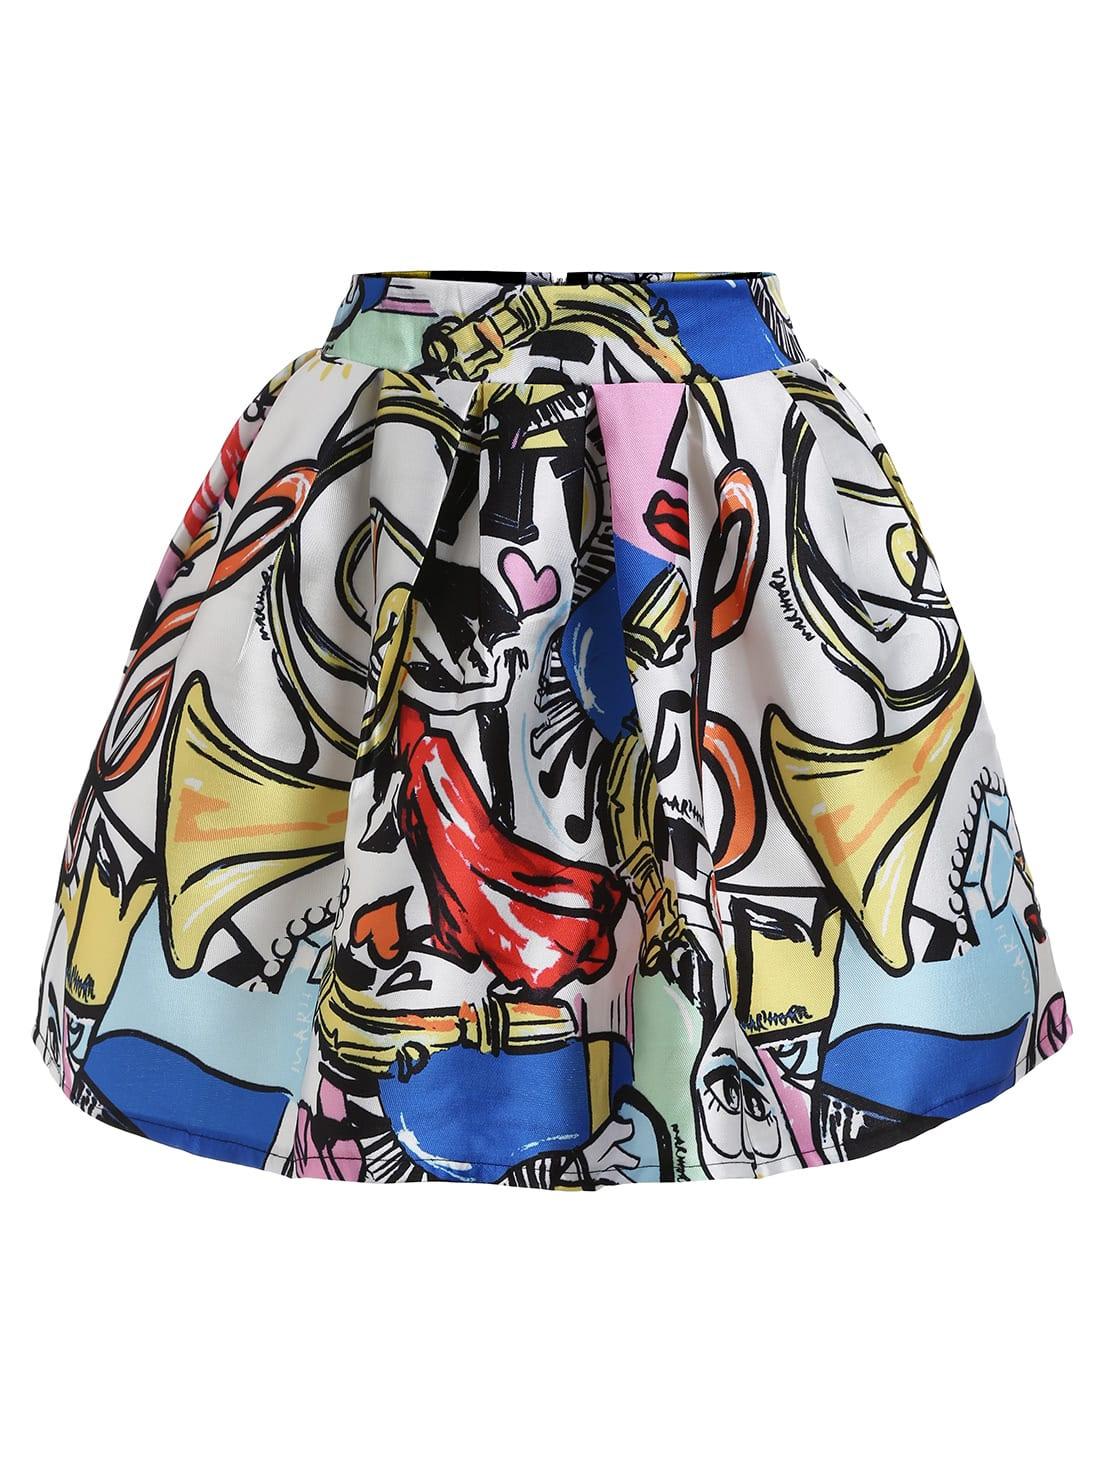 Graffiti Print Box Pleated SkirtGraffiti Print Box Pleated Skirt<br><br>color: Multi<br>size: L,M,S